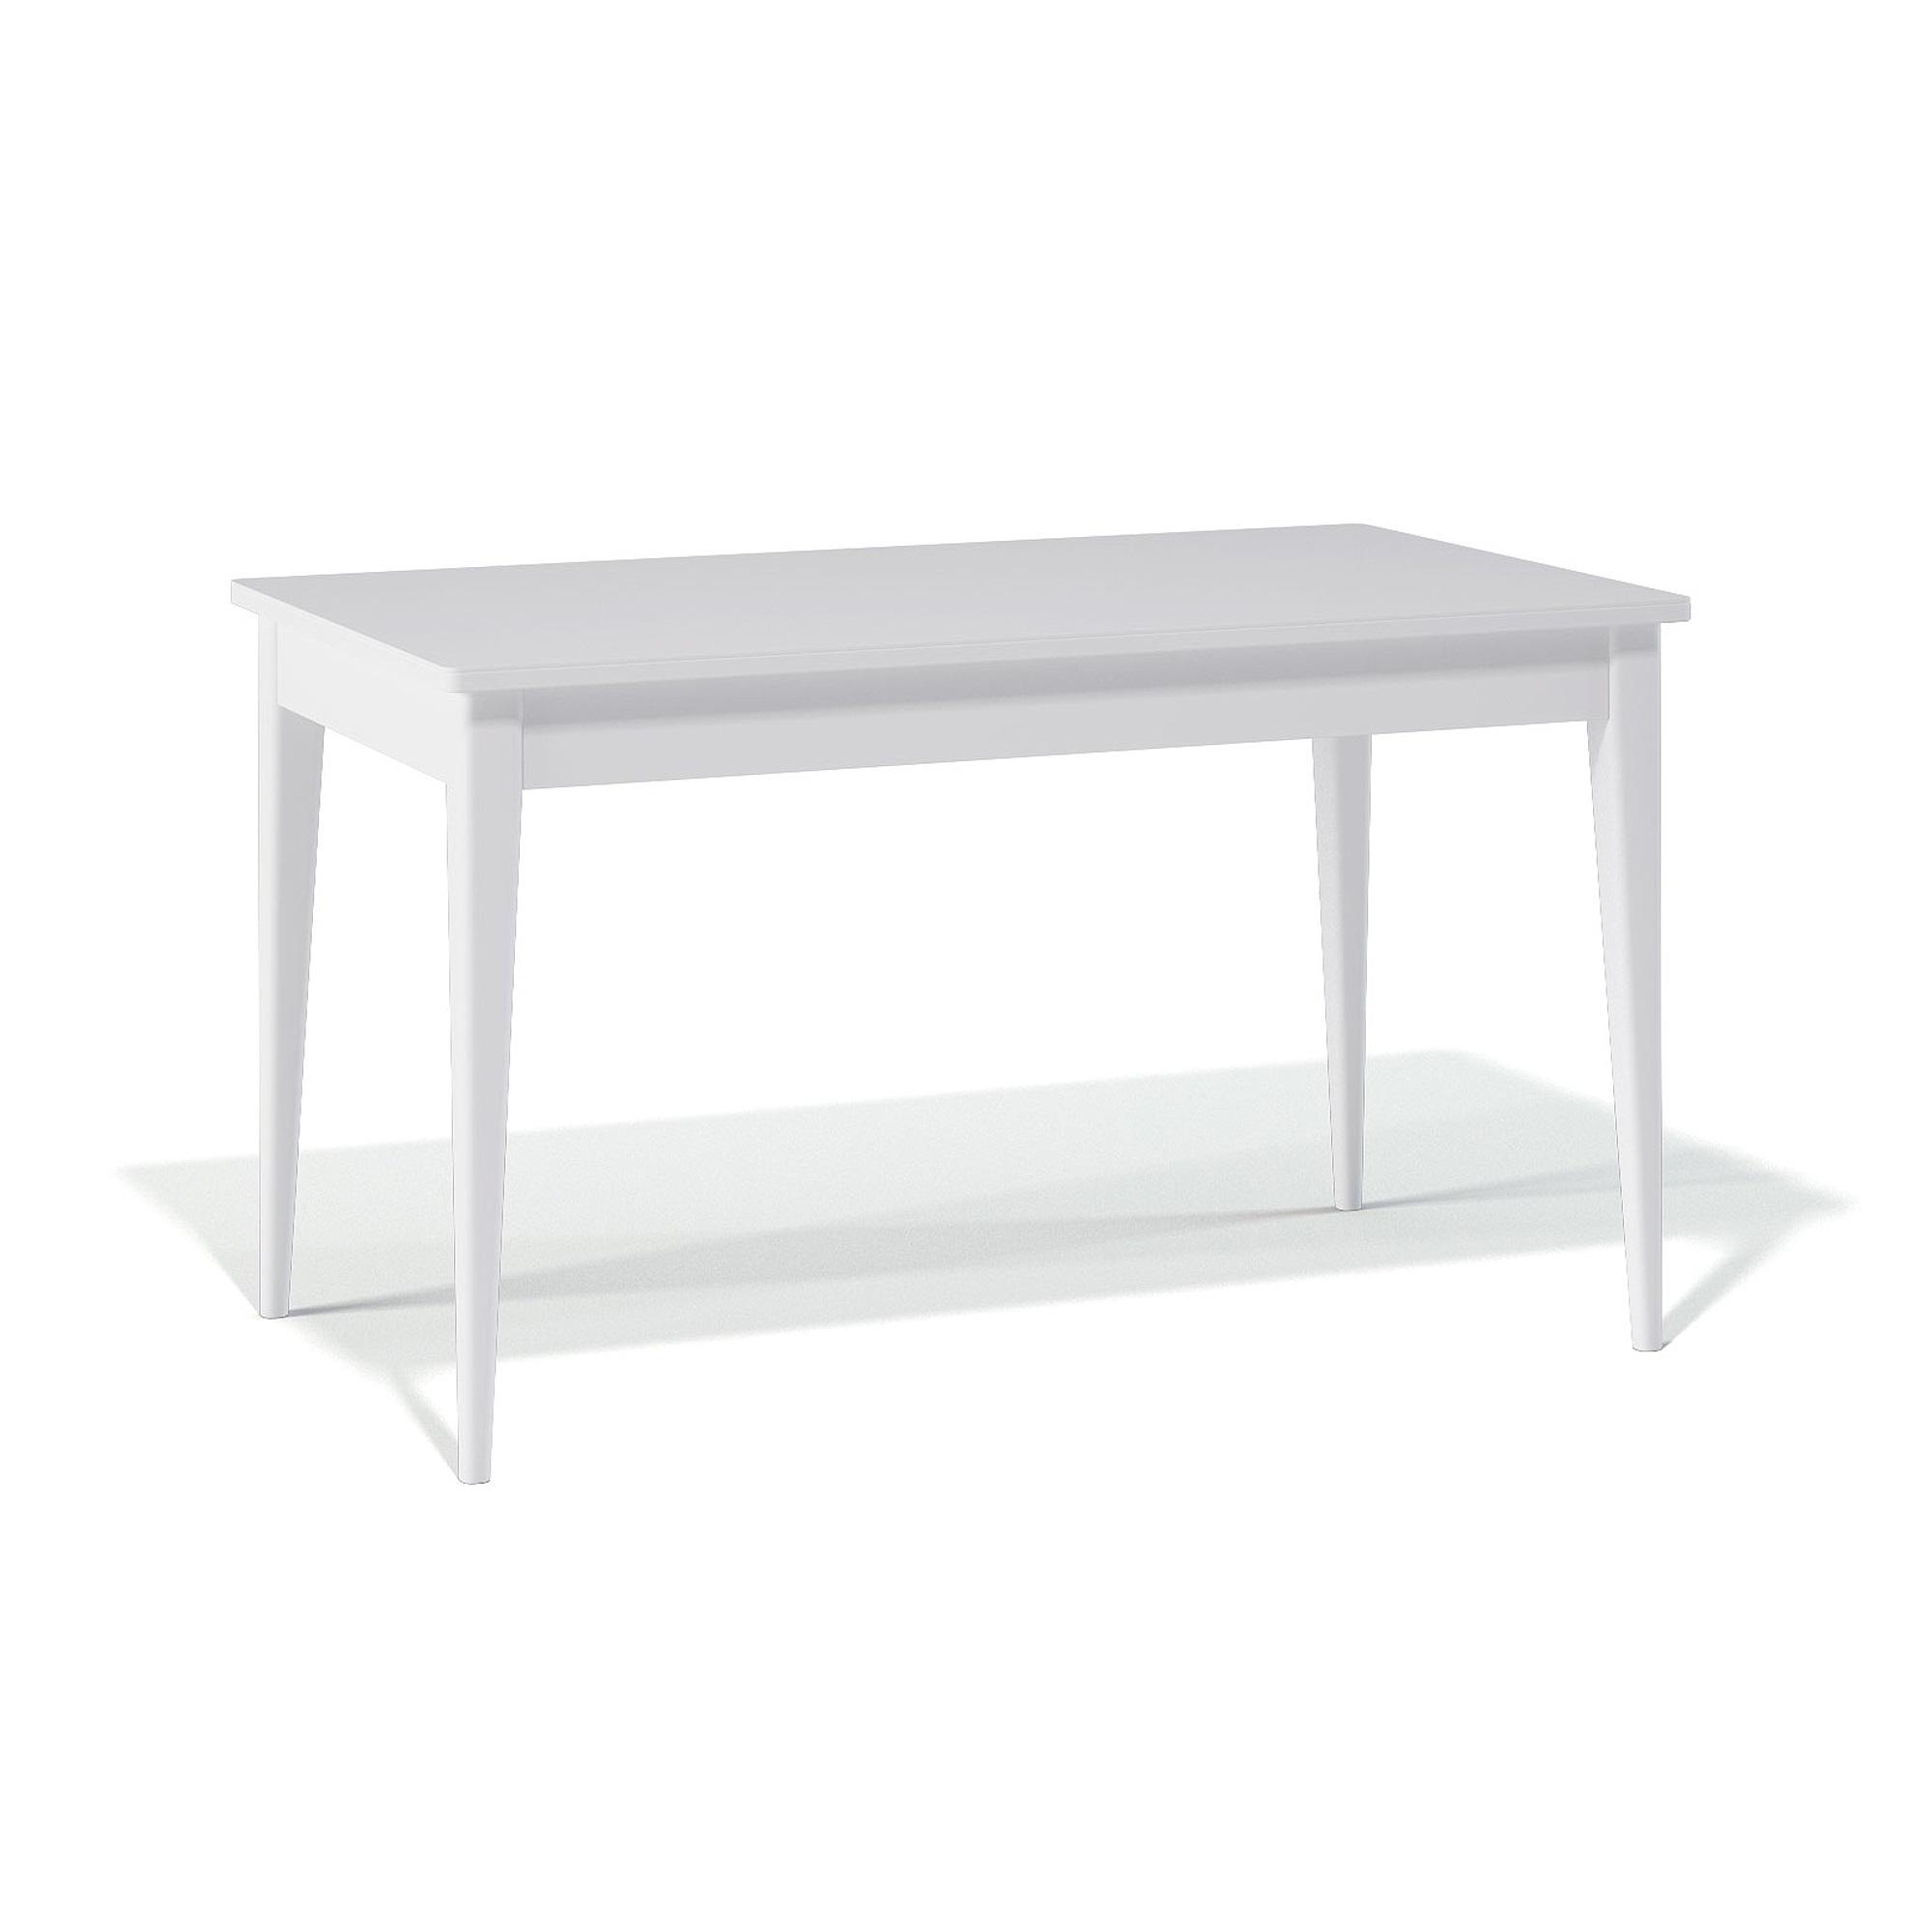 Стол обеденный KennerОбеденные столы<br>Изюминка и оригинальность этого стола заключается в его механизме раскладки. Раскладка происходит вместе с опорами - такой механизм называется &amp;quot;телескоп&amp;quot; - очень удобно и быстро можно организовать дополнительное место для гостей.&amp;amp;nbsp;&amp;lt;div&amp;gt;&amp;lt;br&amp;gt;&amp;lt;div&amp;gt;Столешница стола выполнена из стекла (4 мм)+лдсп, ножки стола - массив бука.&amp;amp;nbsp;&amp;lt;/div&amp;gt;&amp;lt;div&amp;gt;За столом свободно поместится от 6 до 10 человек.&amp;amp;nbsp;&amp;lt;/div&amp;gt;&amp;lt;div&amp;gt;Размеры разложенной столешницы: 200х90 см.&amp;lt;/div&amp;gt;&amp;lt;/div&amp;gt;<br><br>Material: Стекло<br>Ширина см: 140.0<br>Высота см: 76.0<br>Глубина см: 90.0